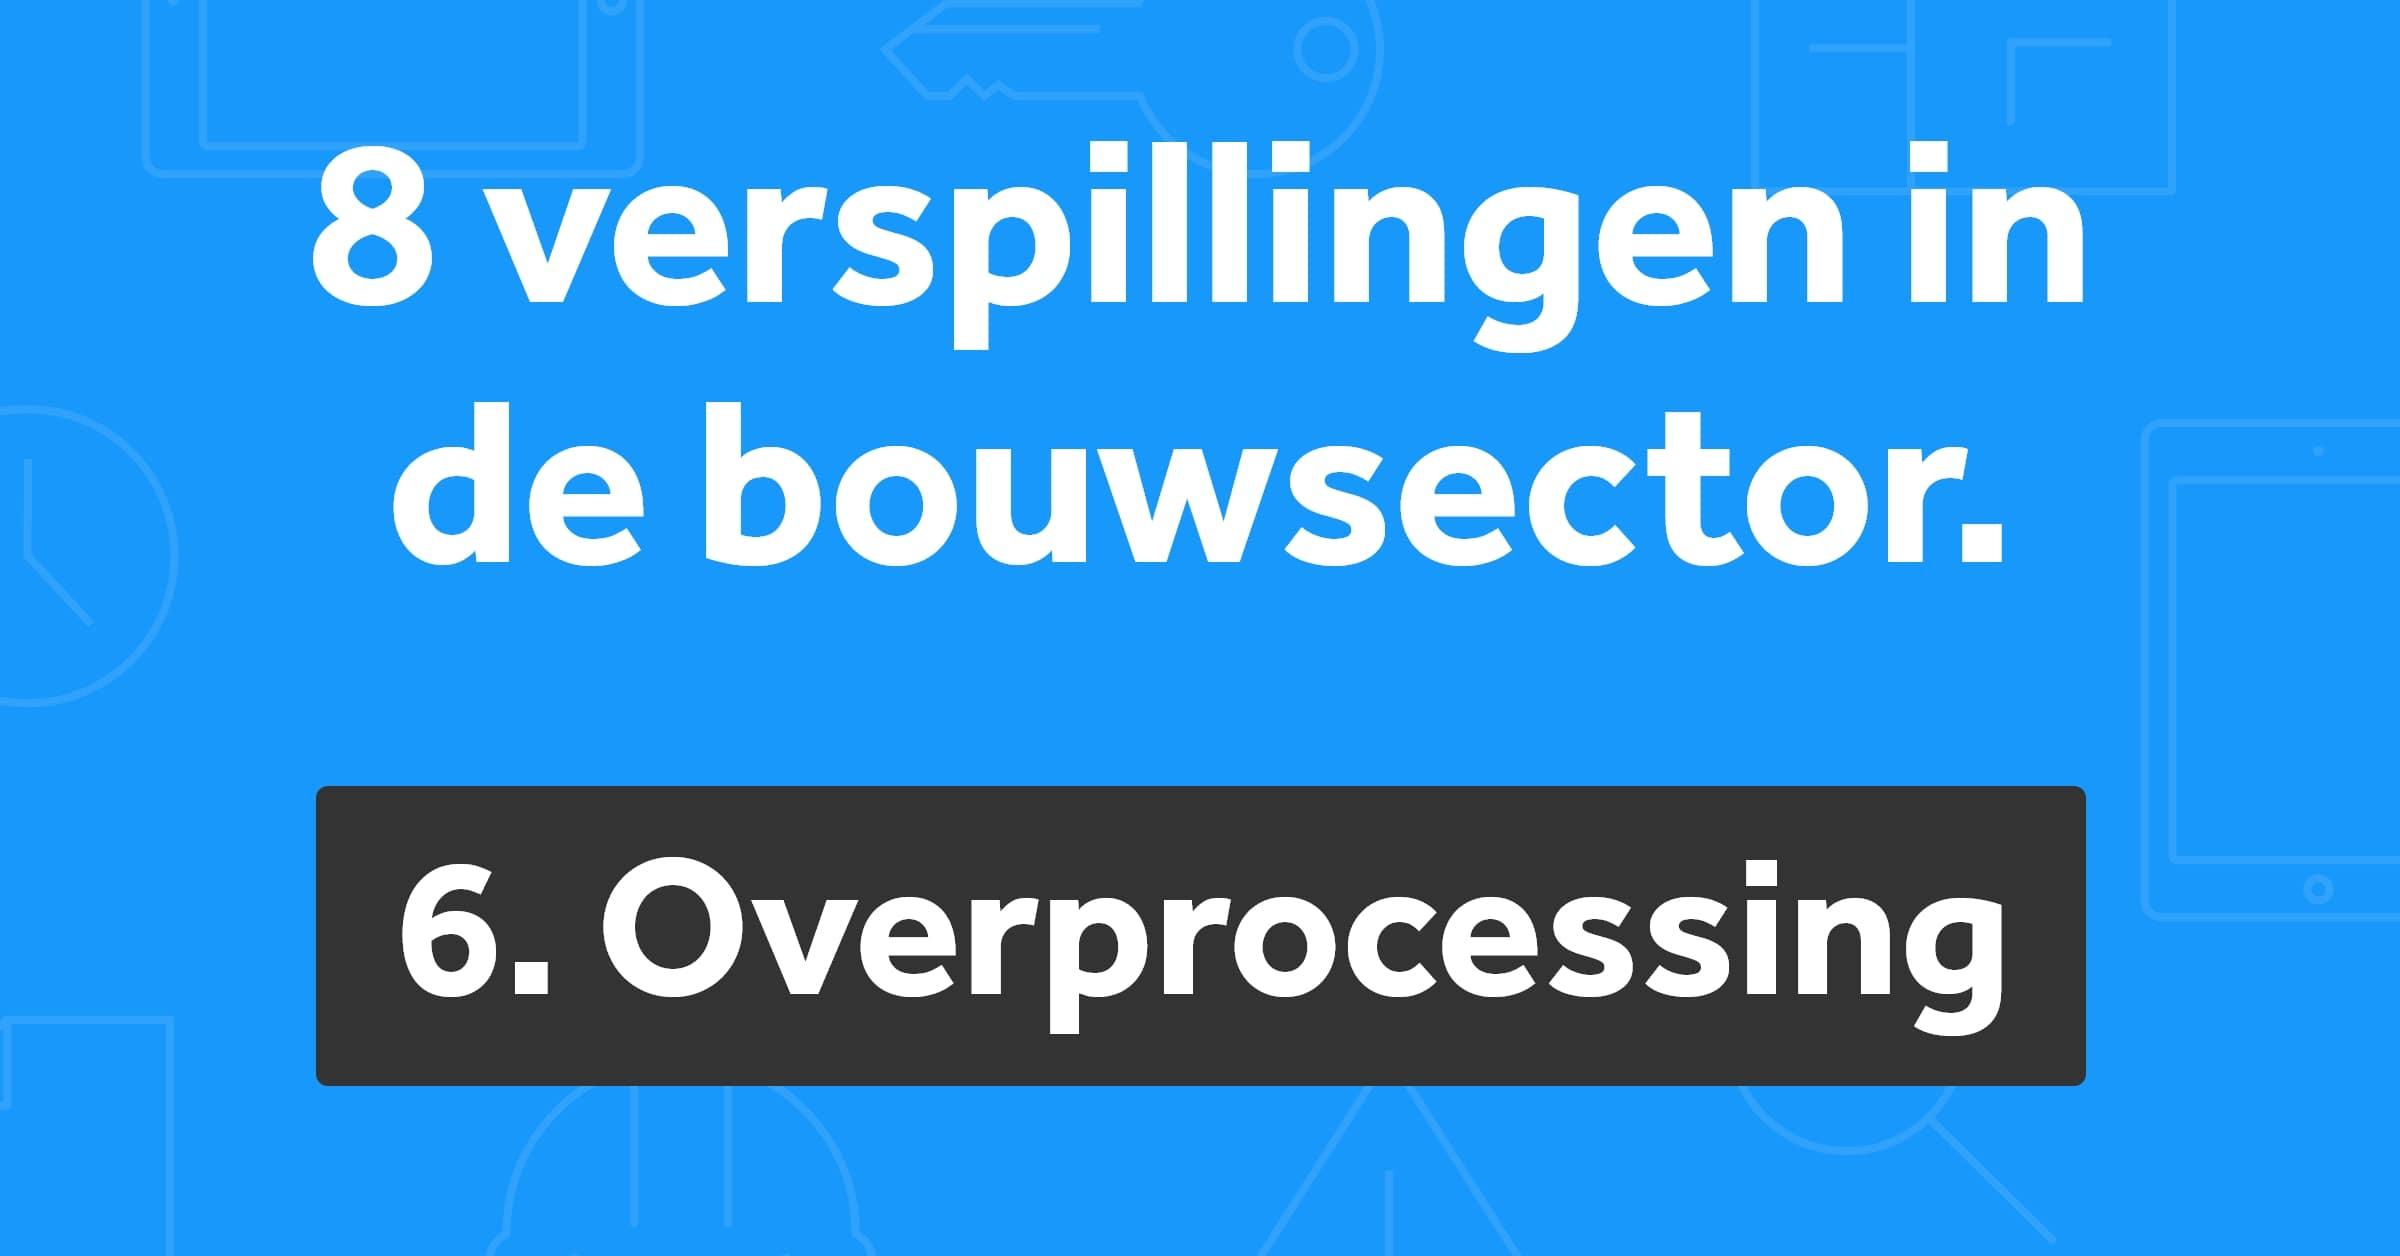 Verspilling overprocessing